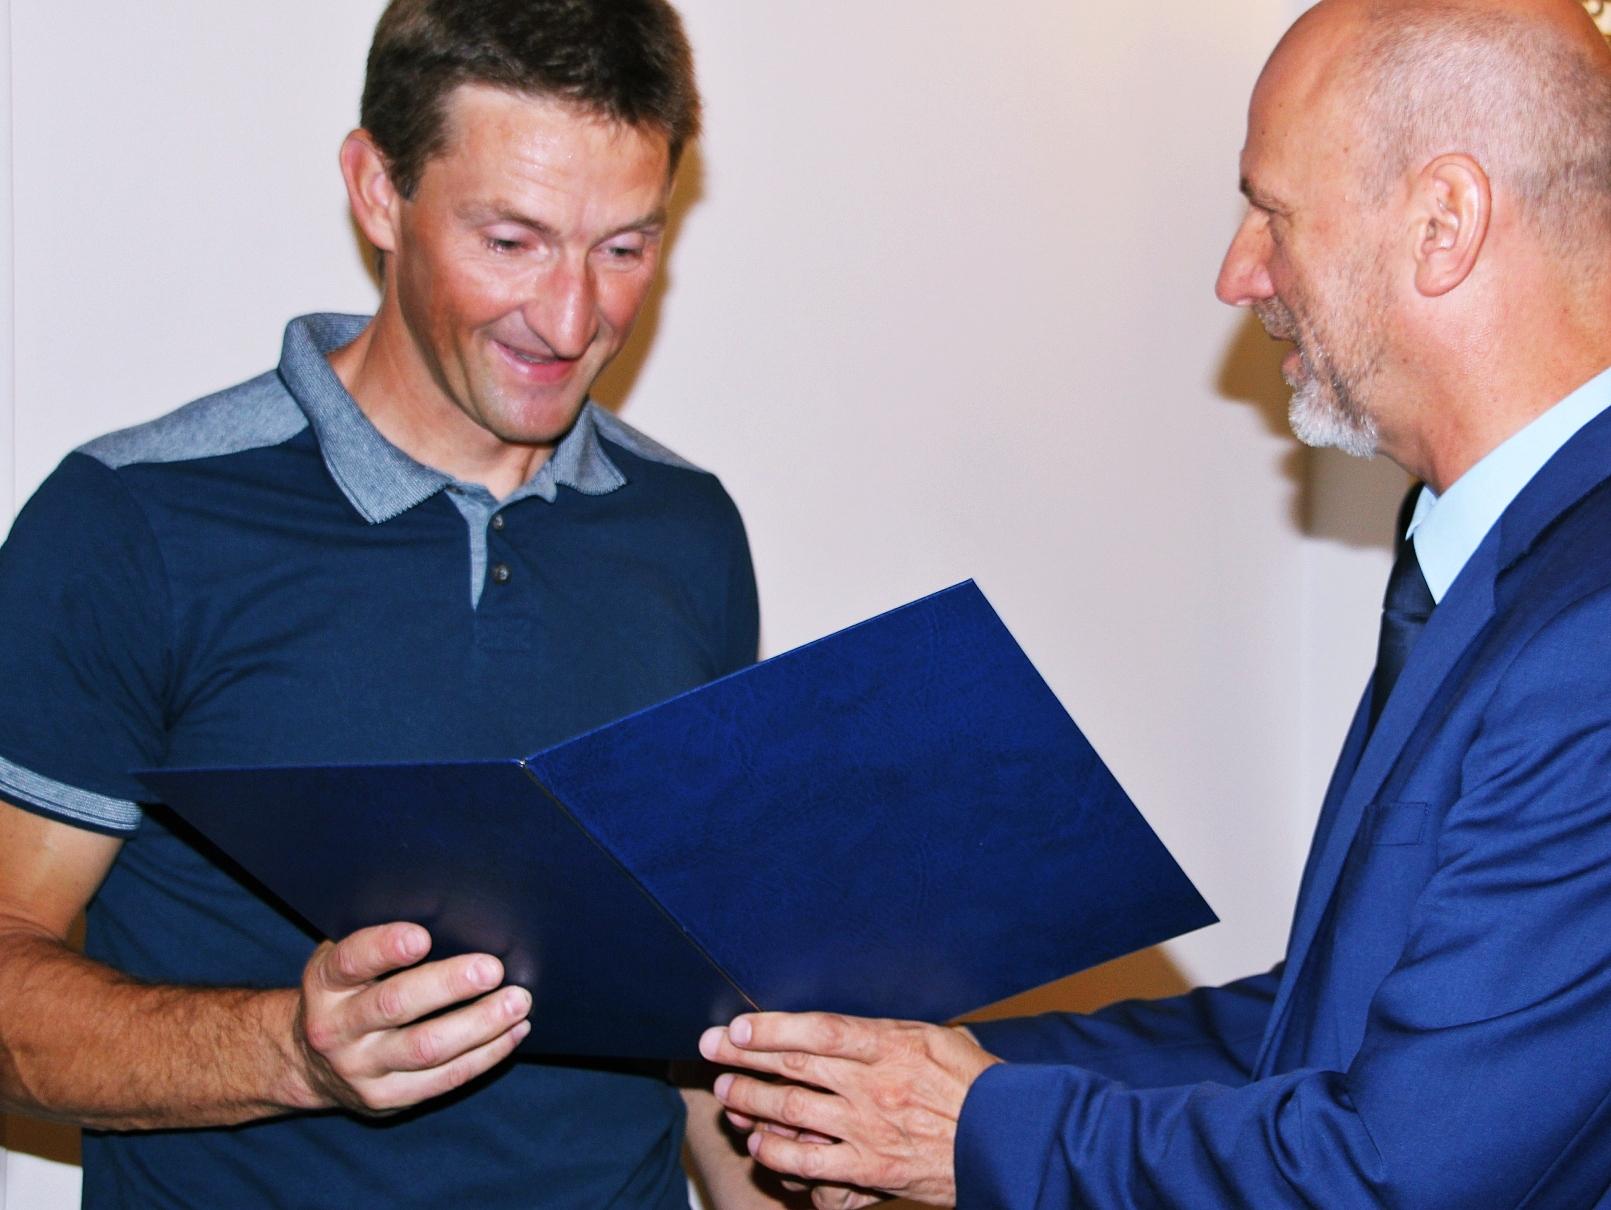 Wiosła w górę! Ultramaratończyk uhonorowany przez burmistrza, Miasto Białogard